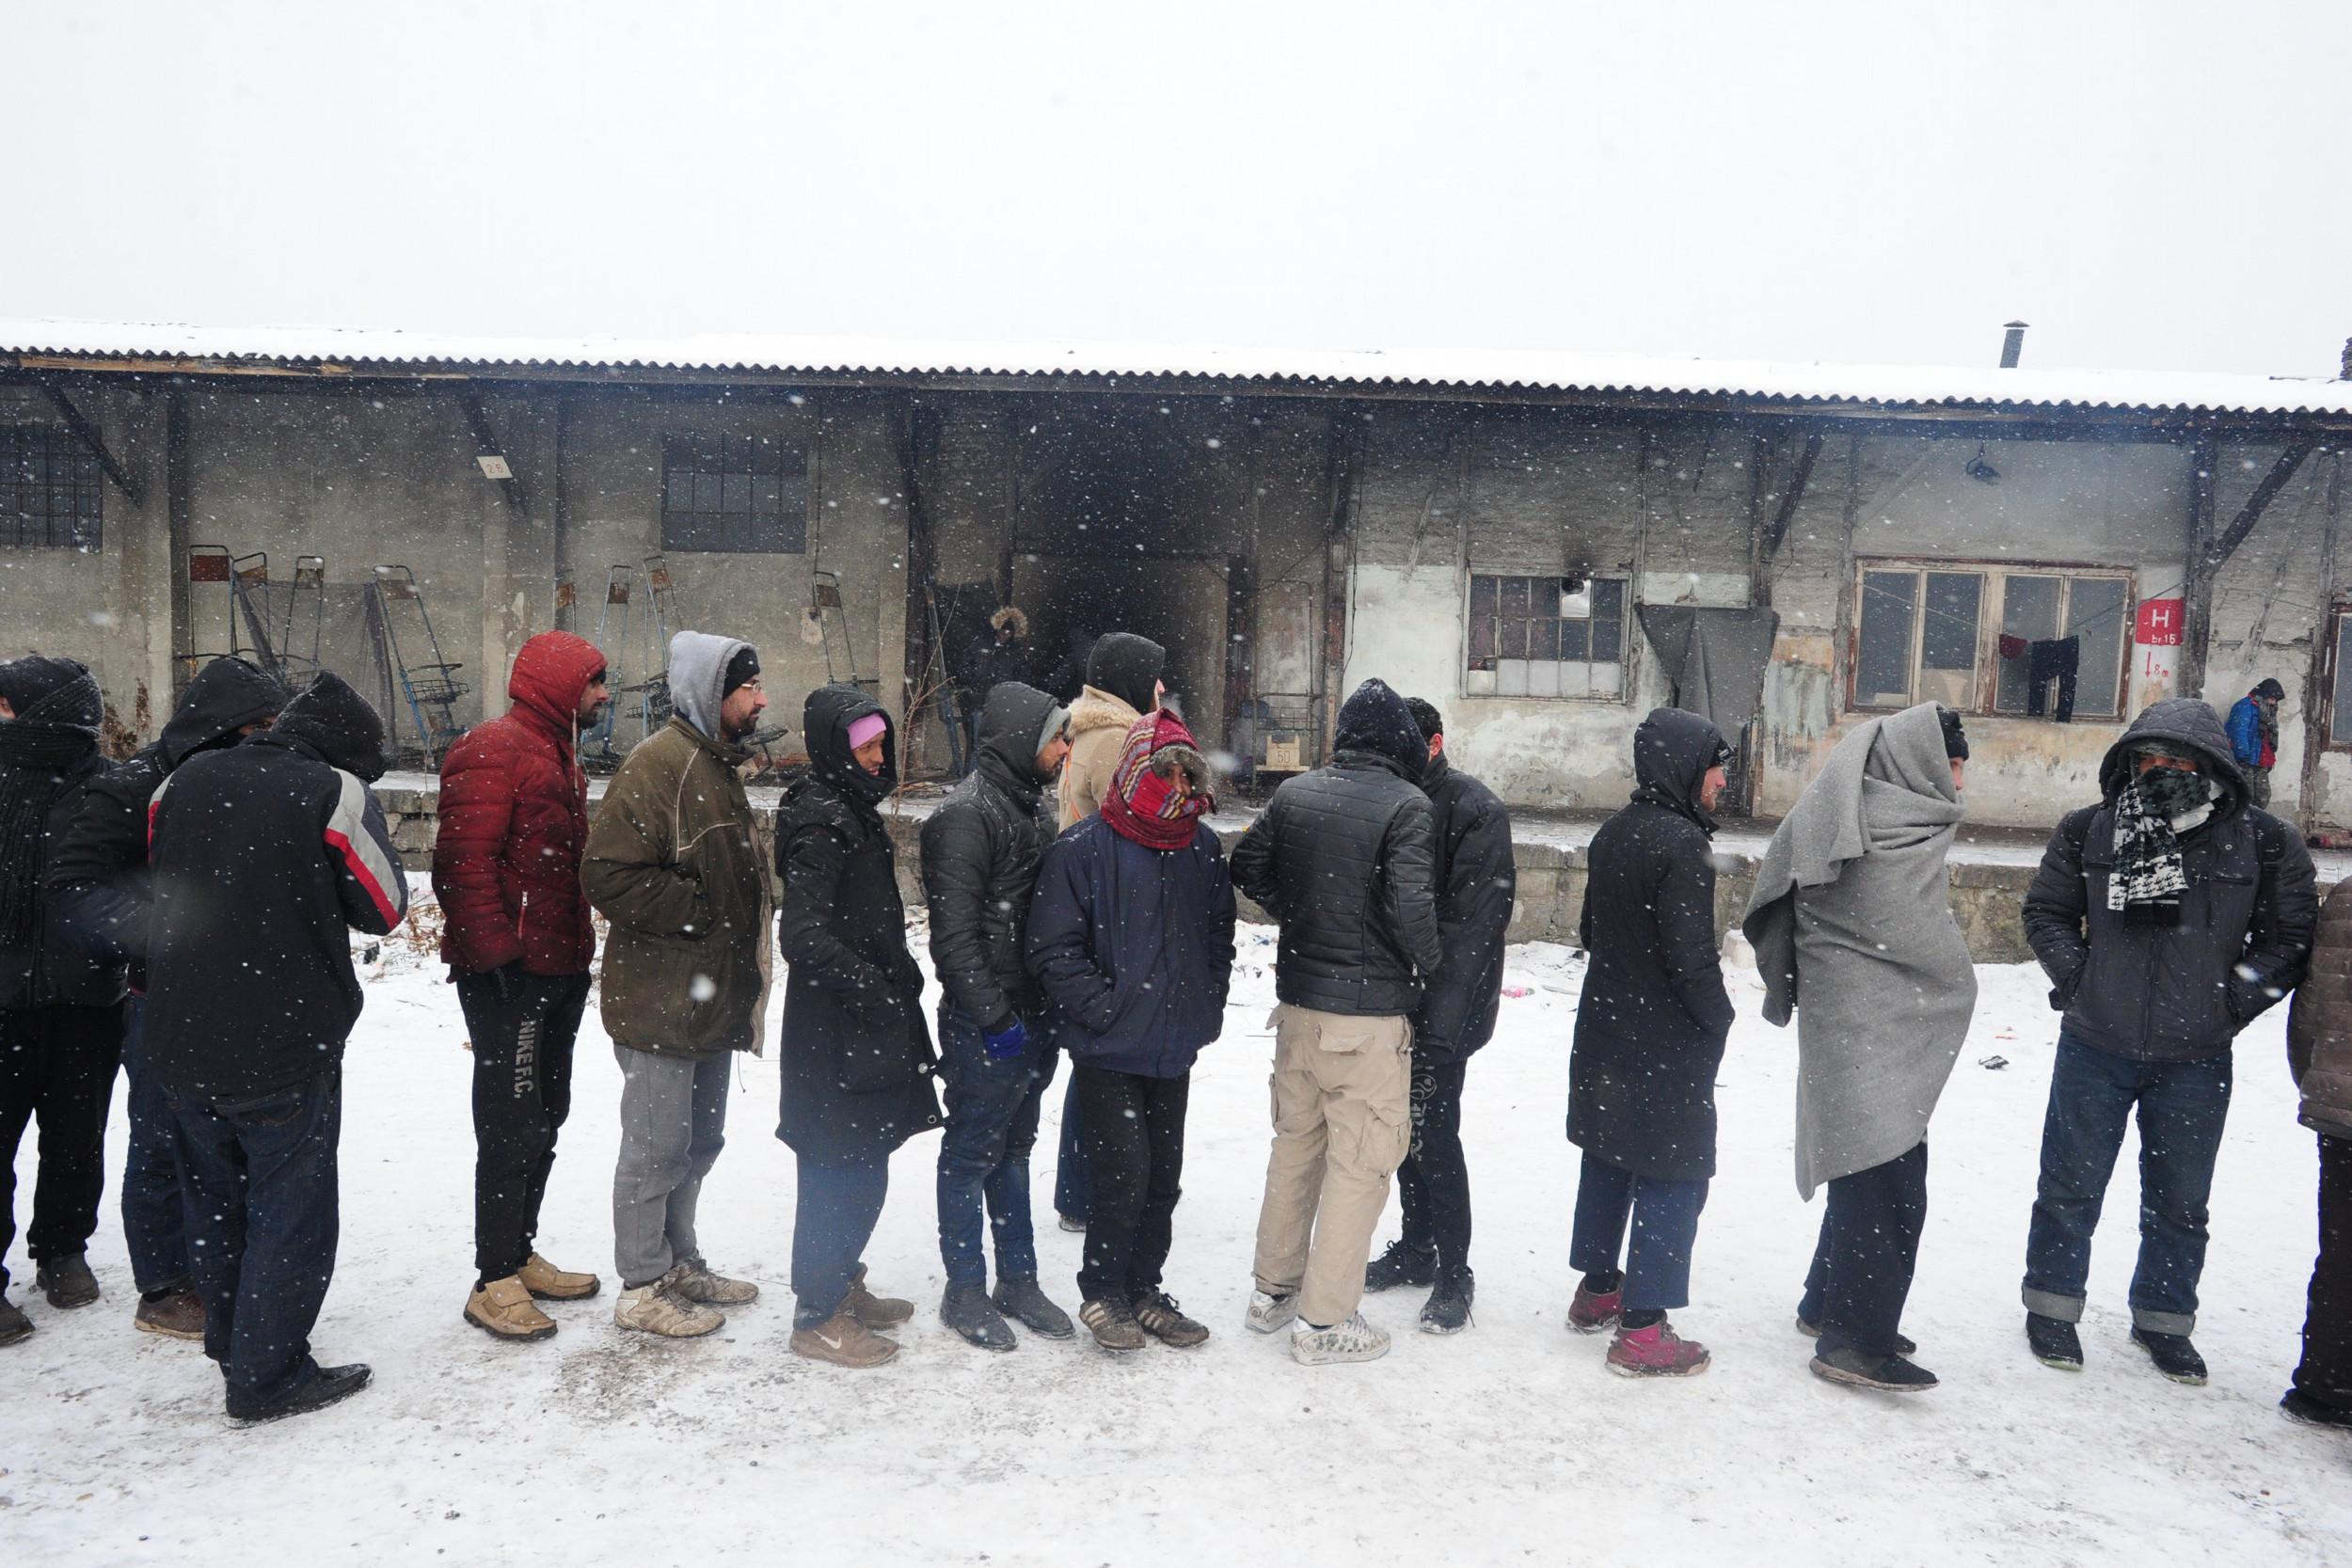 Мигранти чекају у реду у Београду (Фото: Танјуг/Димитрије Голл)